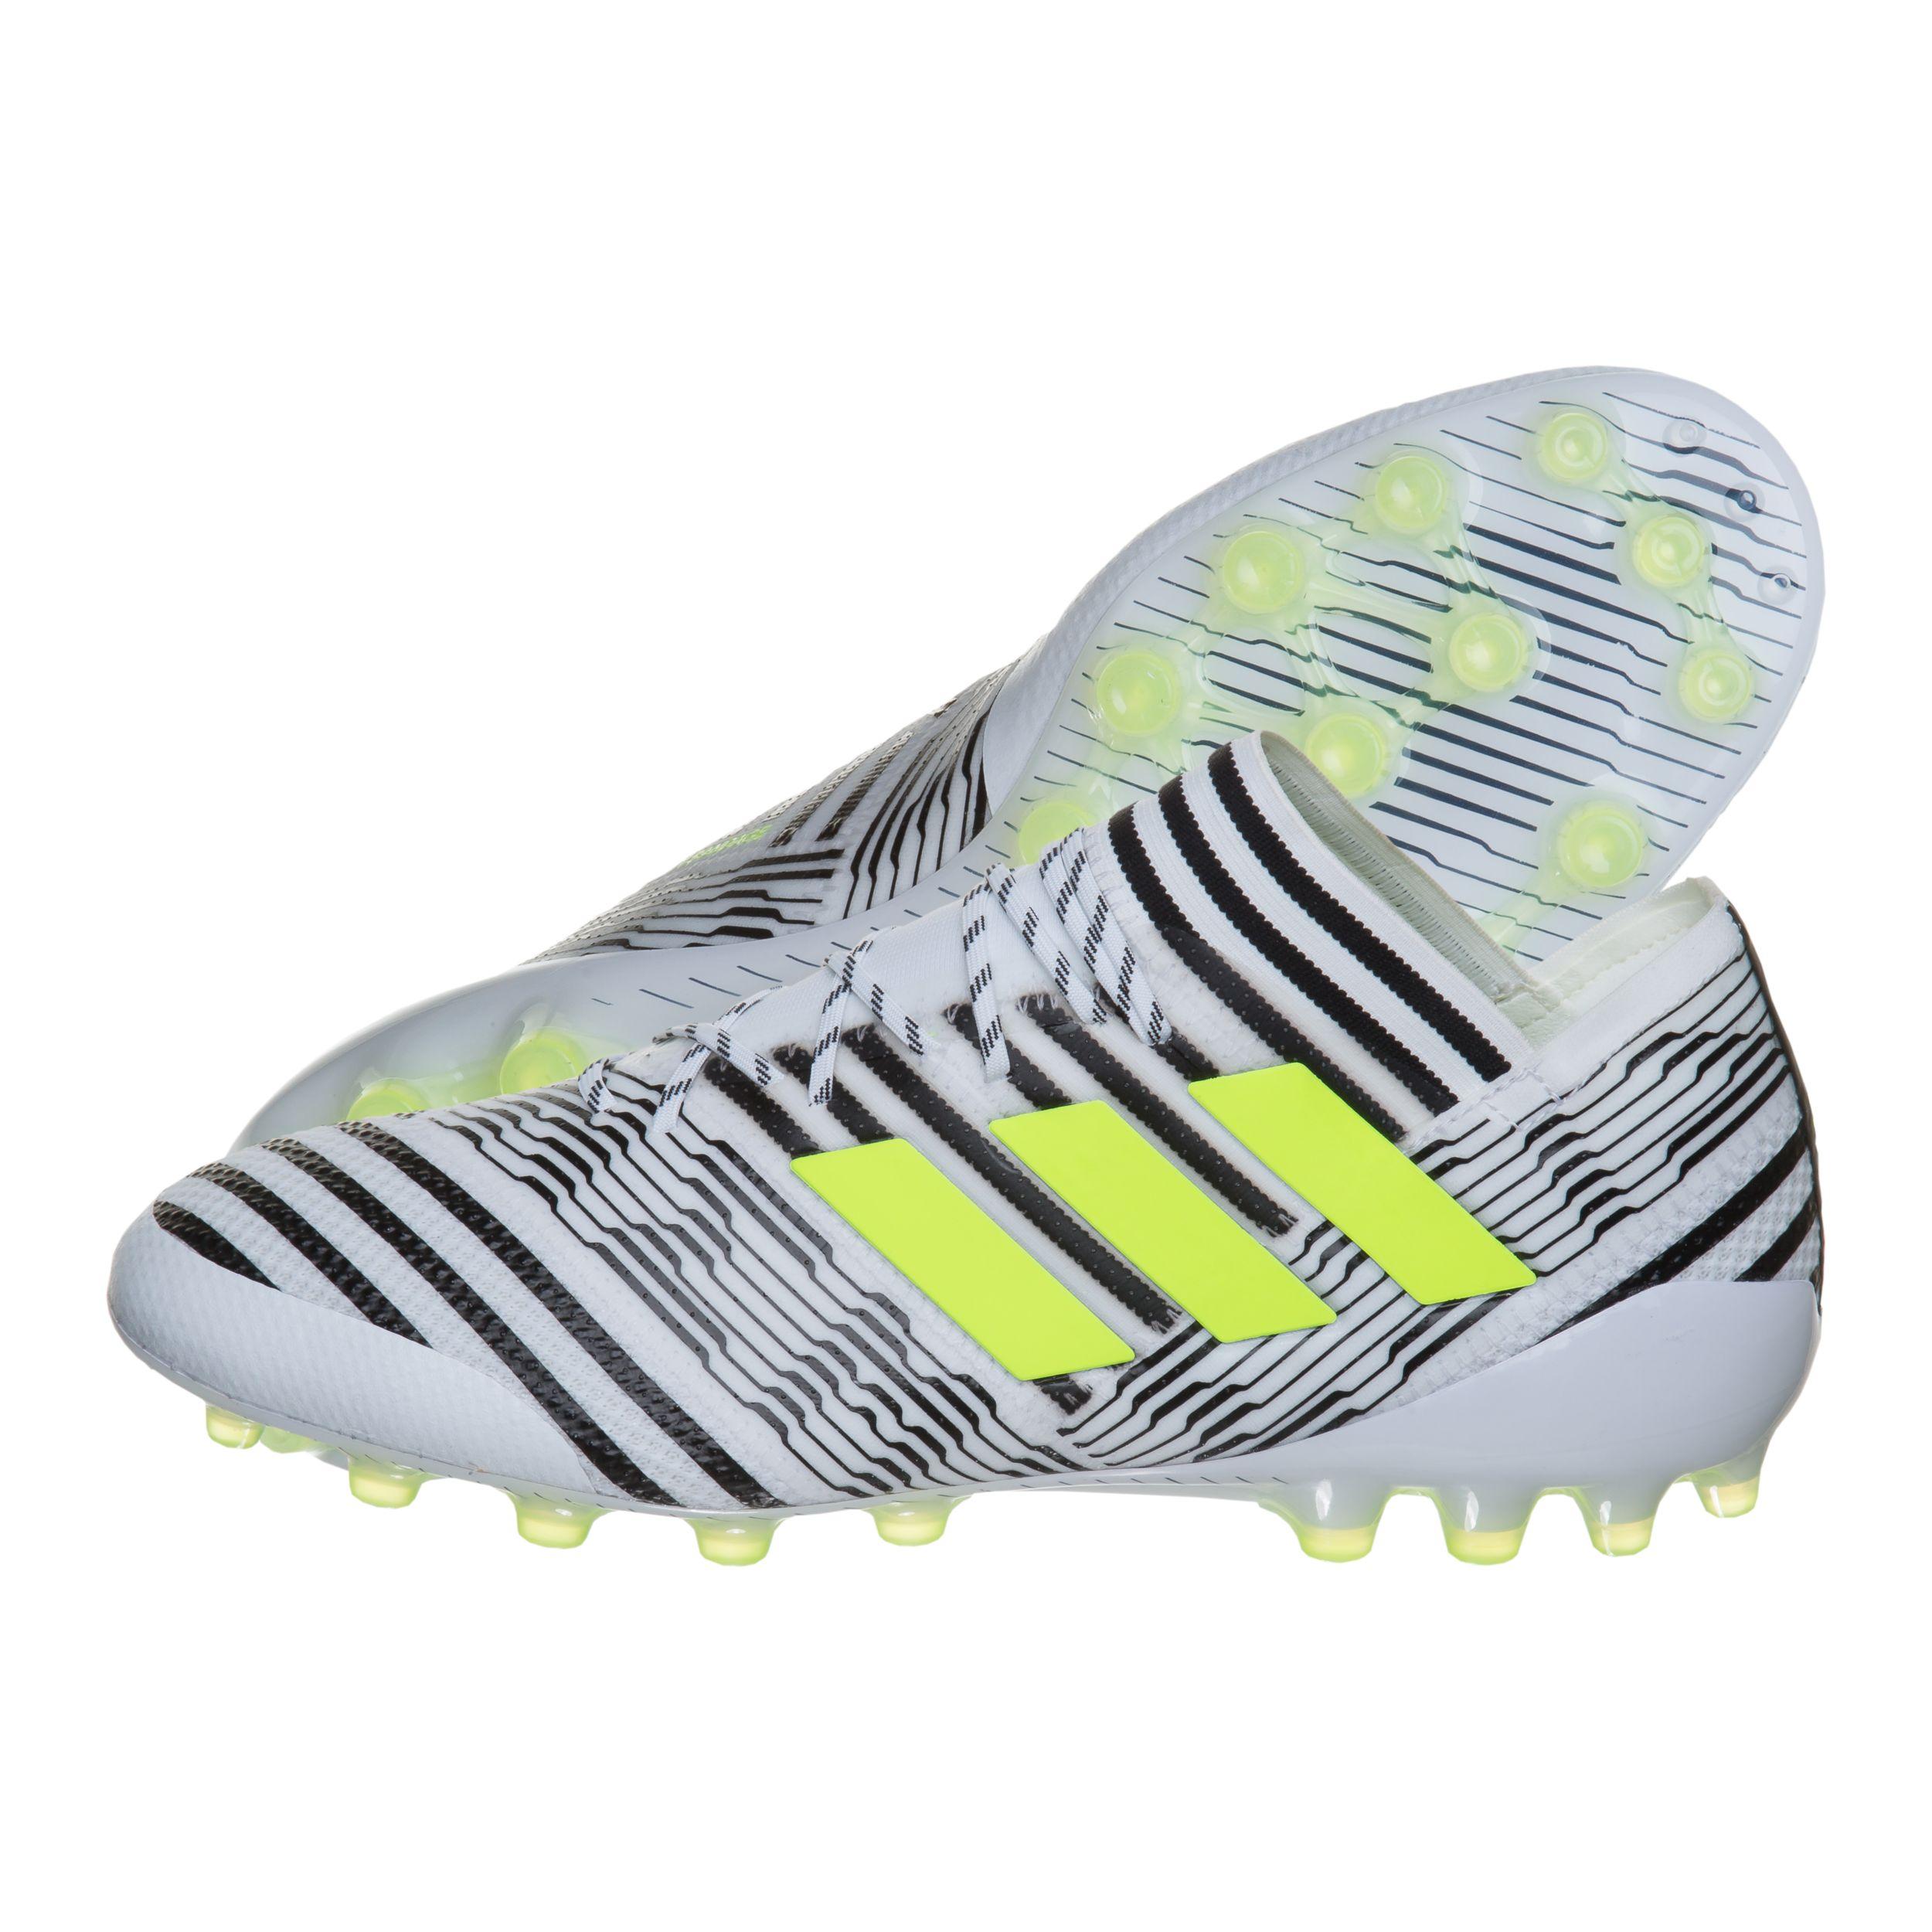 Adidas Fußballschuhe Nemeziz 17.1 AG weiss Herren Herren Herren  S82290 -  NEU & OVP 36396a